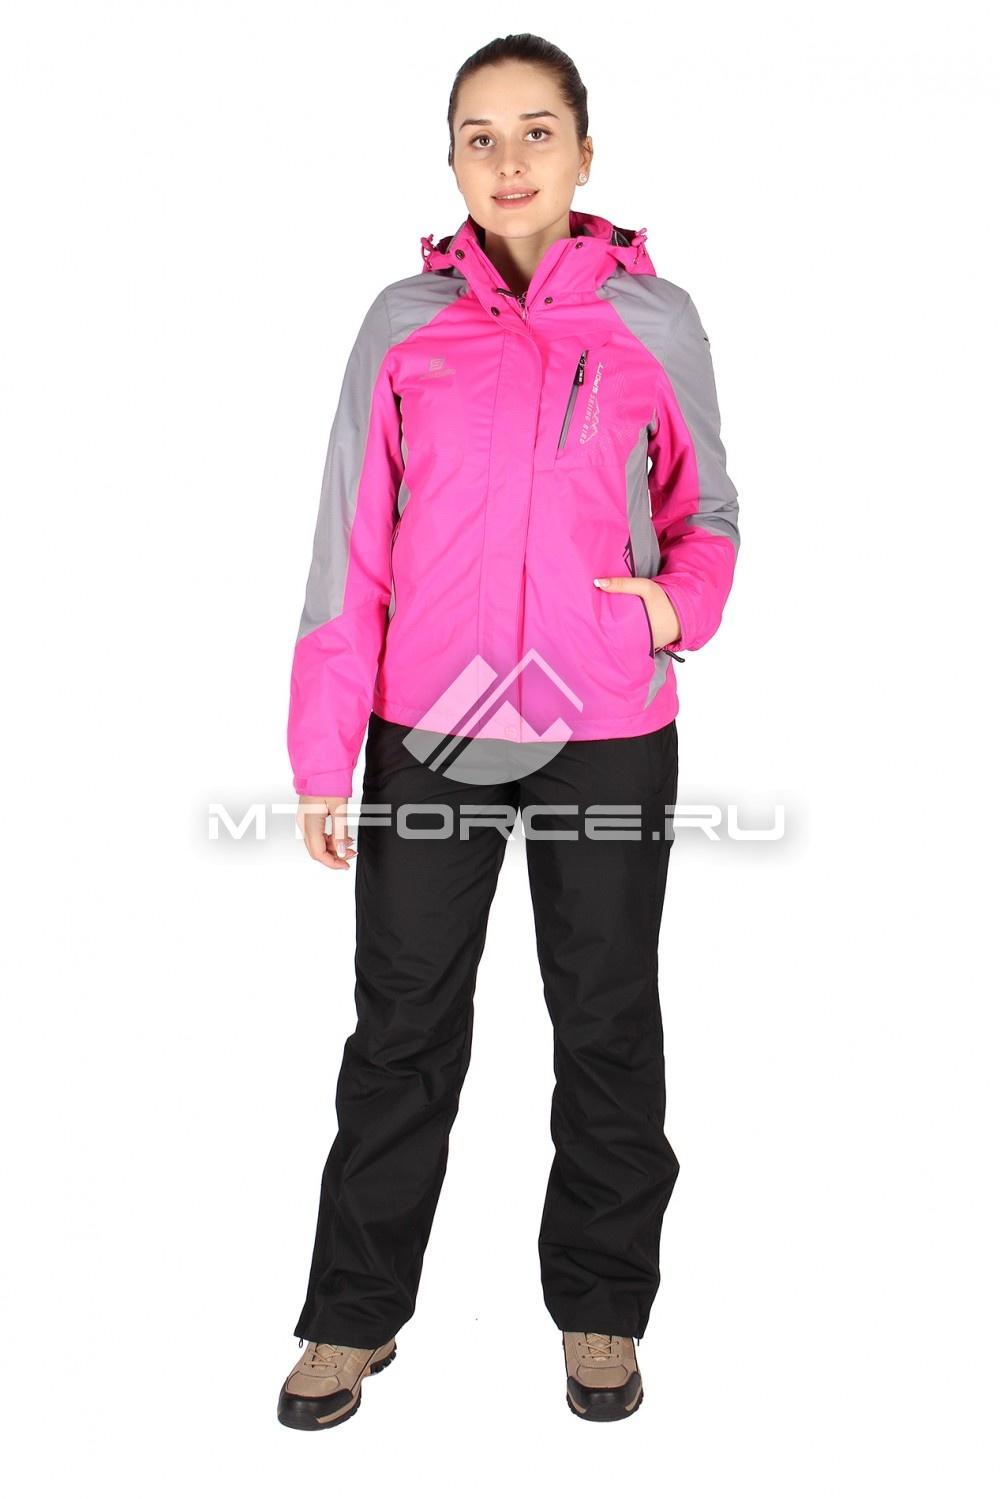 Купить оптом Костюм женский розового цвета 01612R